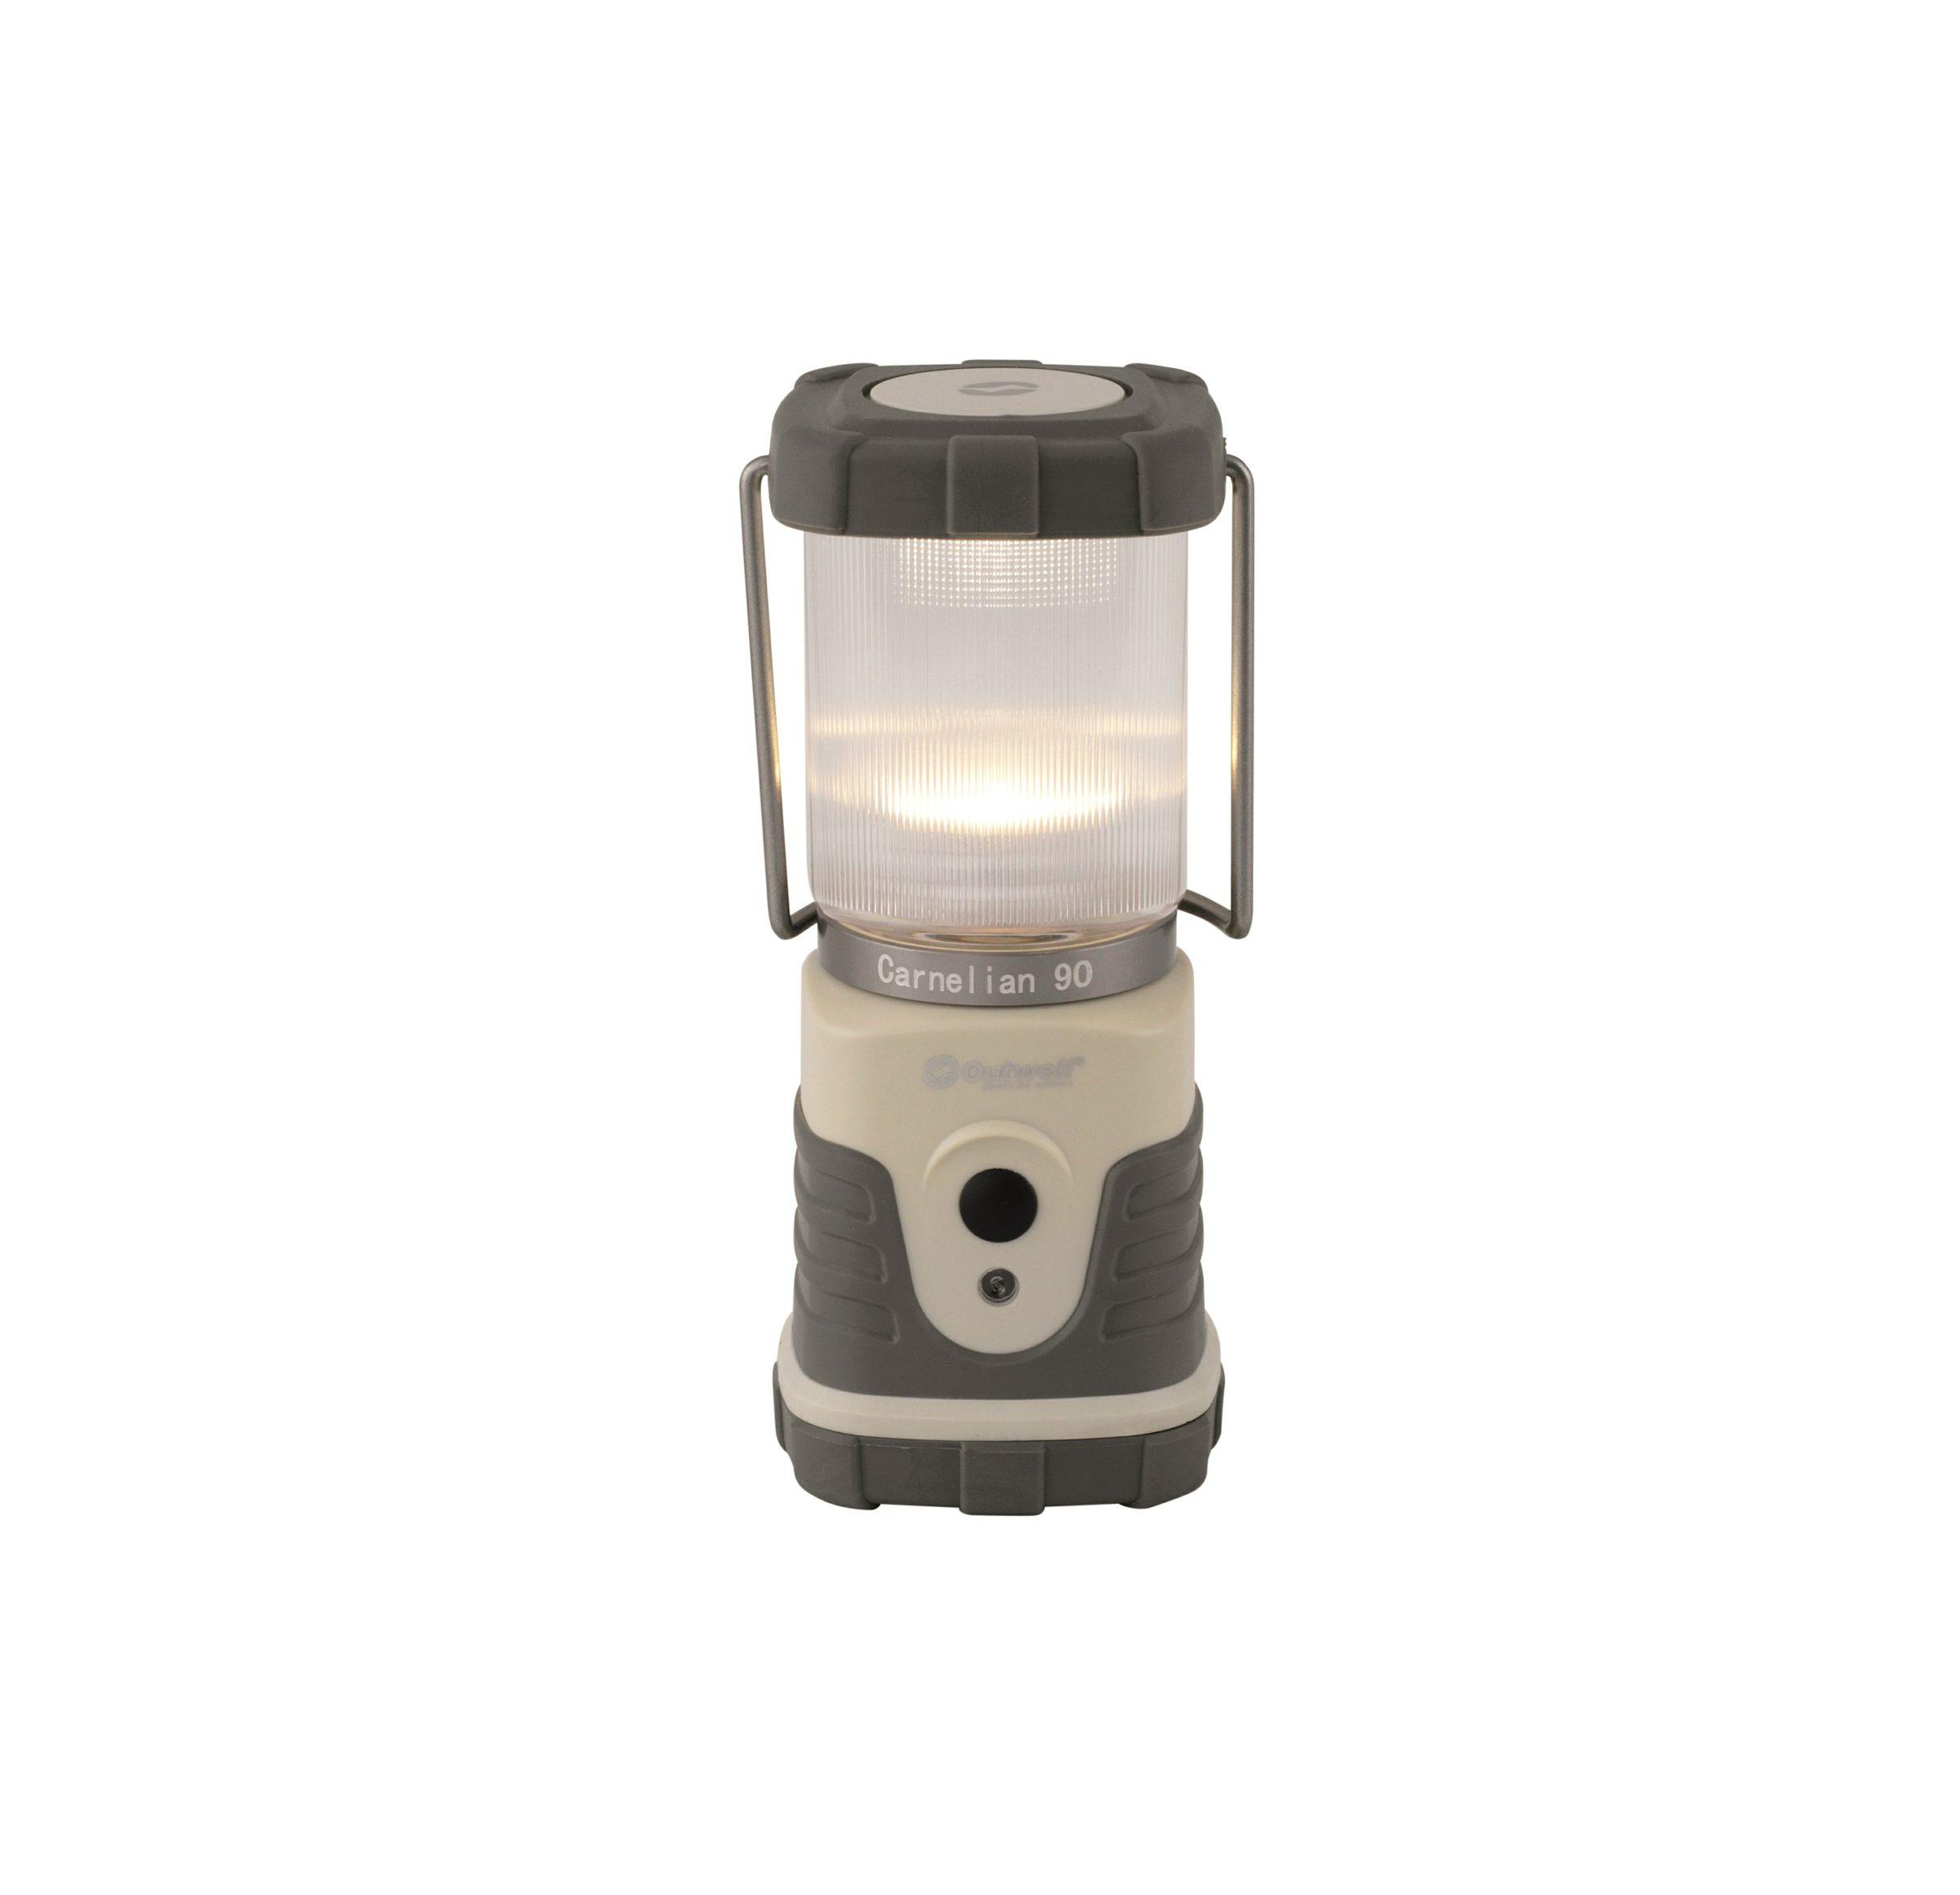 Outwell Carnelian 90 Lantern